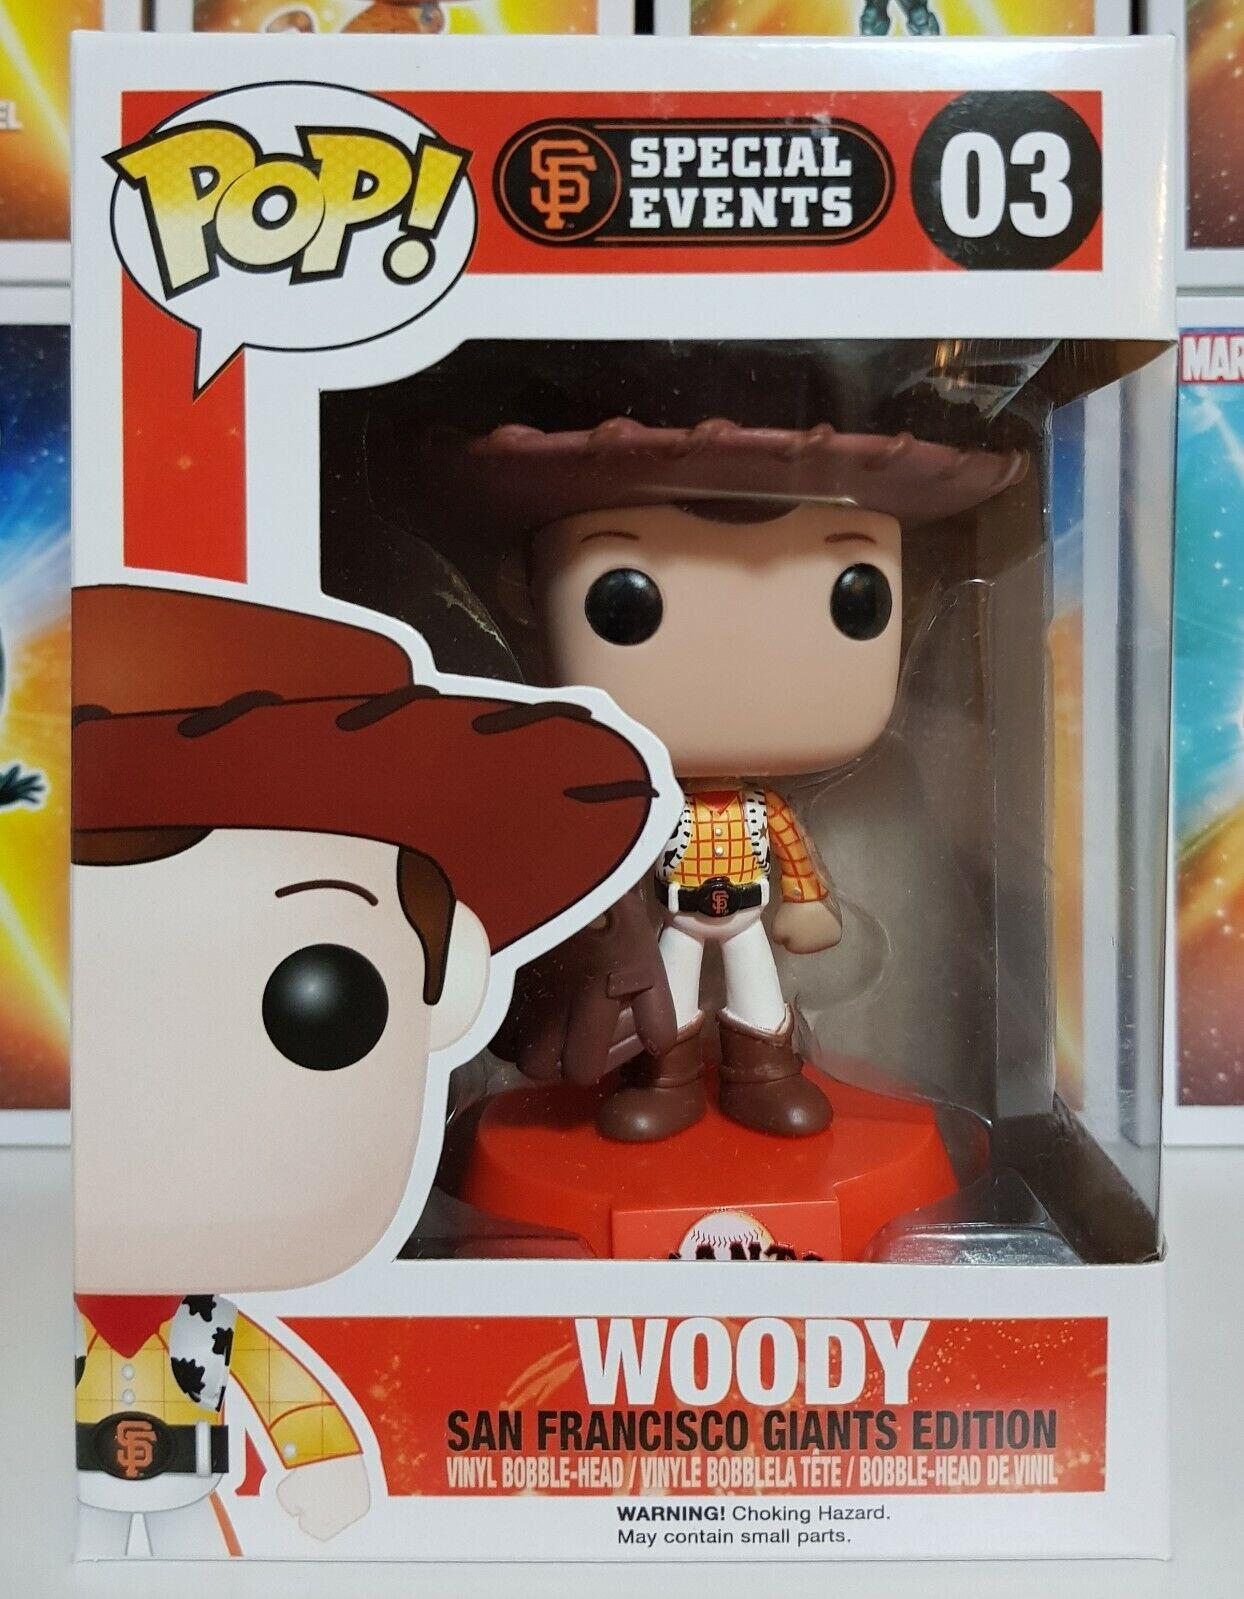 RARE  giocattolo storia  - San Francisco Giants edizione Woody diverdeimentoko Pop  Vinyl  la vostra soddisfazione è il nostro obiettivo